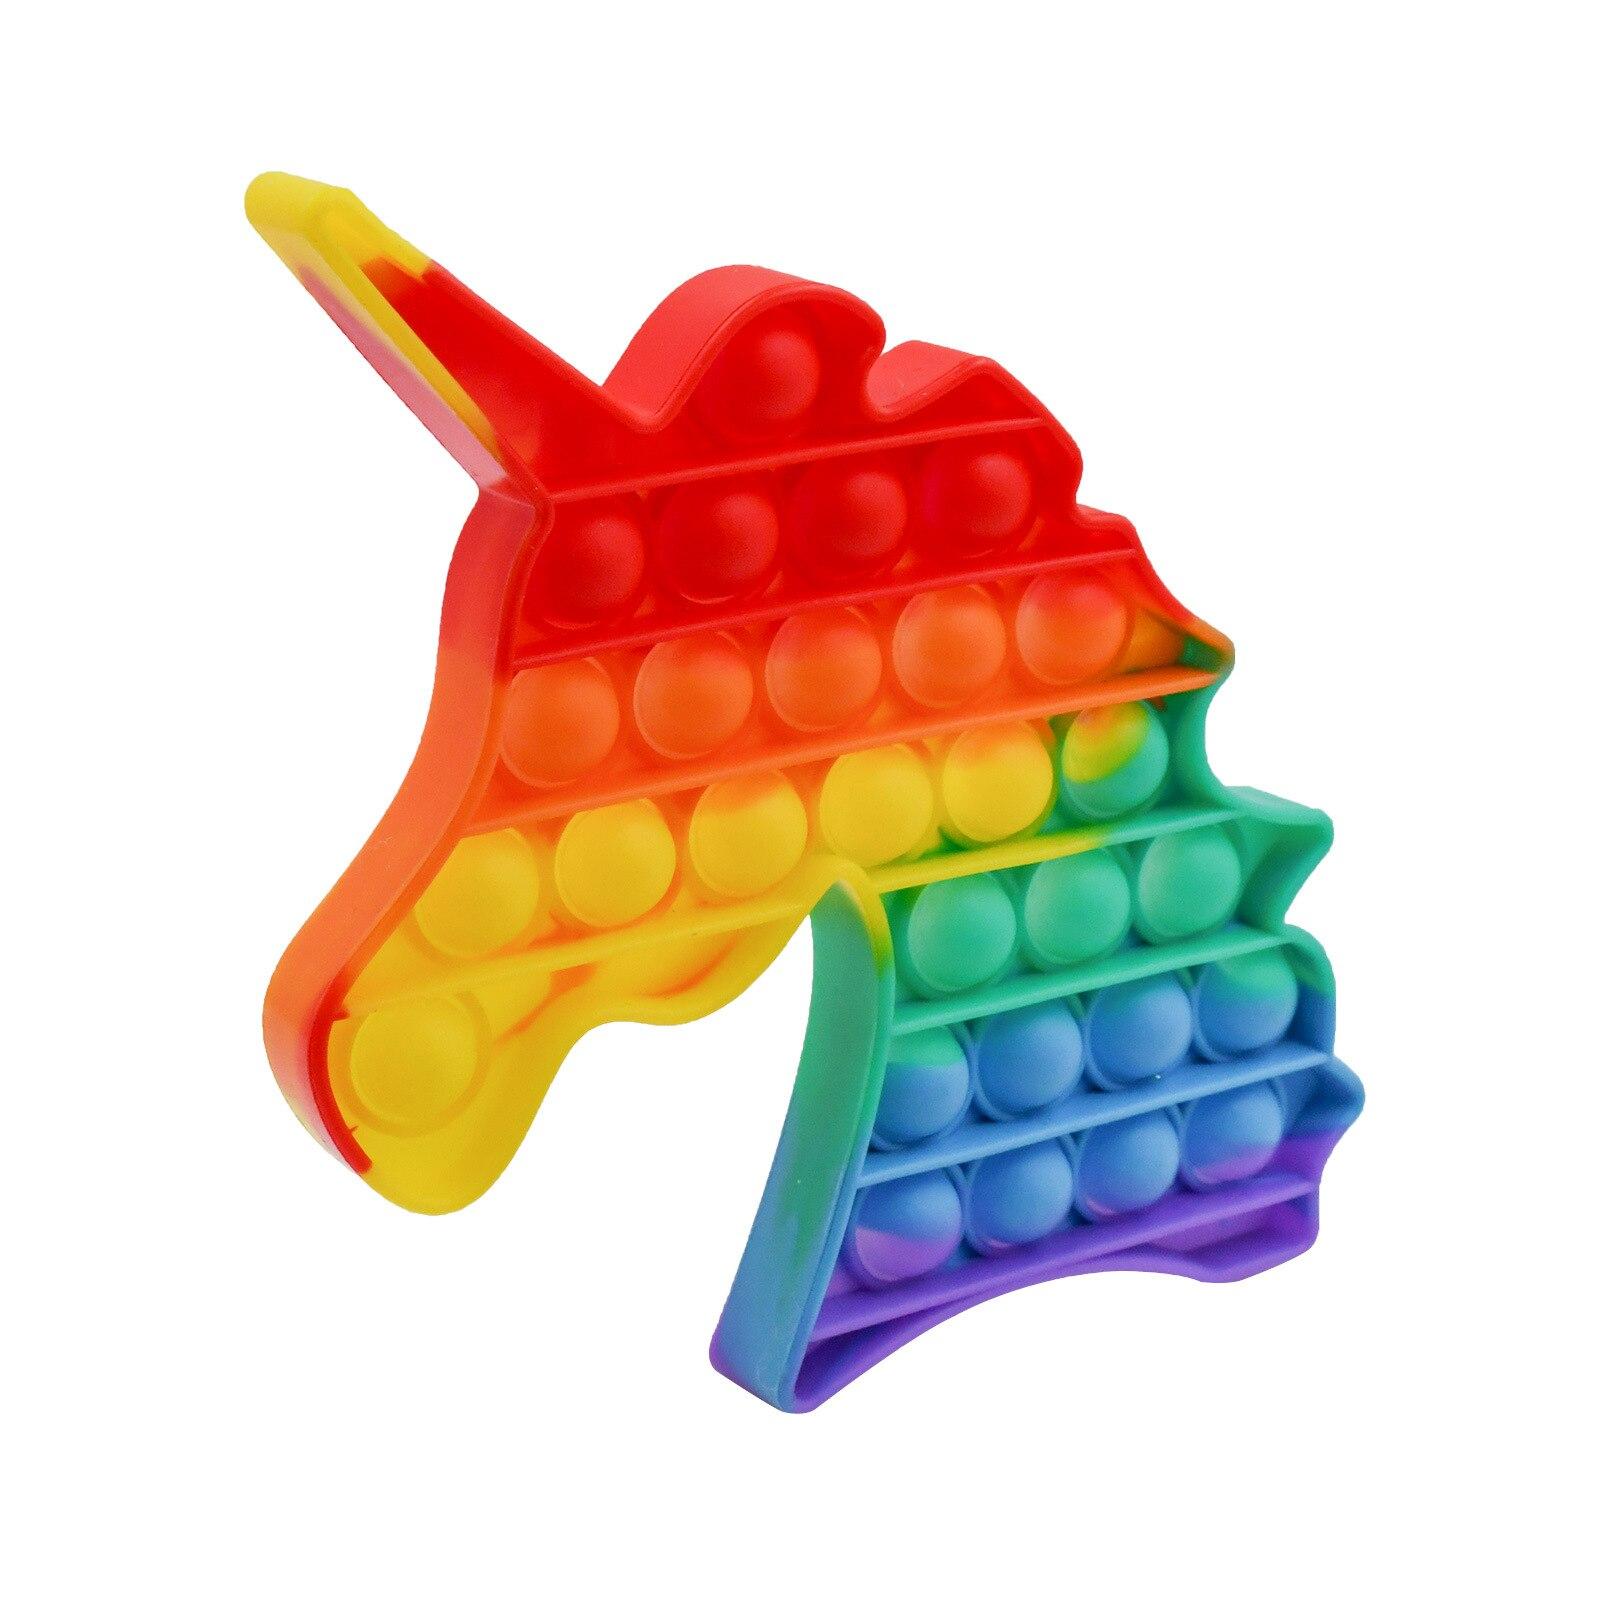 Пуш-ап пузырь сенсорные вытолкнуть его беспокойная игрушка единорог коробка мягкими Figet игрушки для снятия стресса ребенка, игрушка для сня...